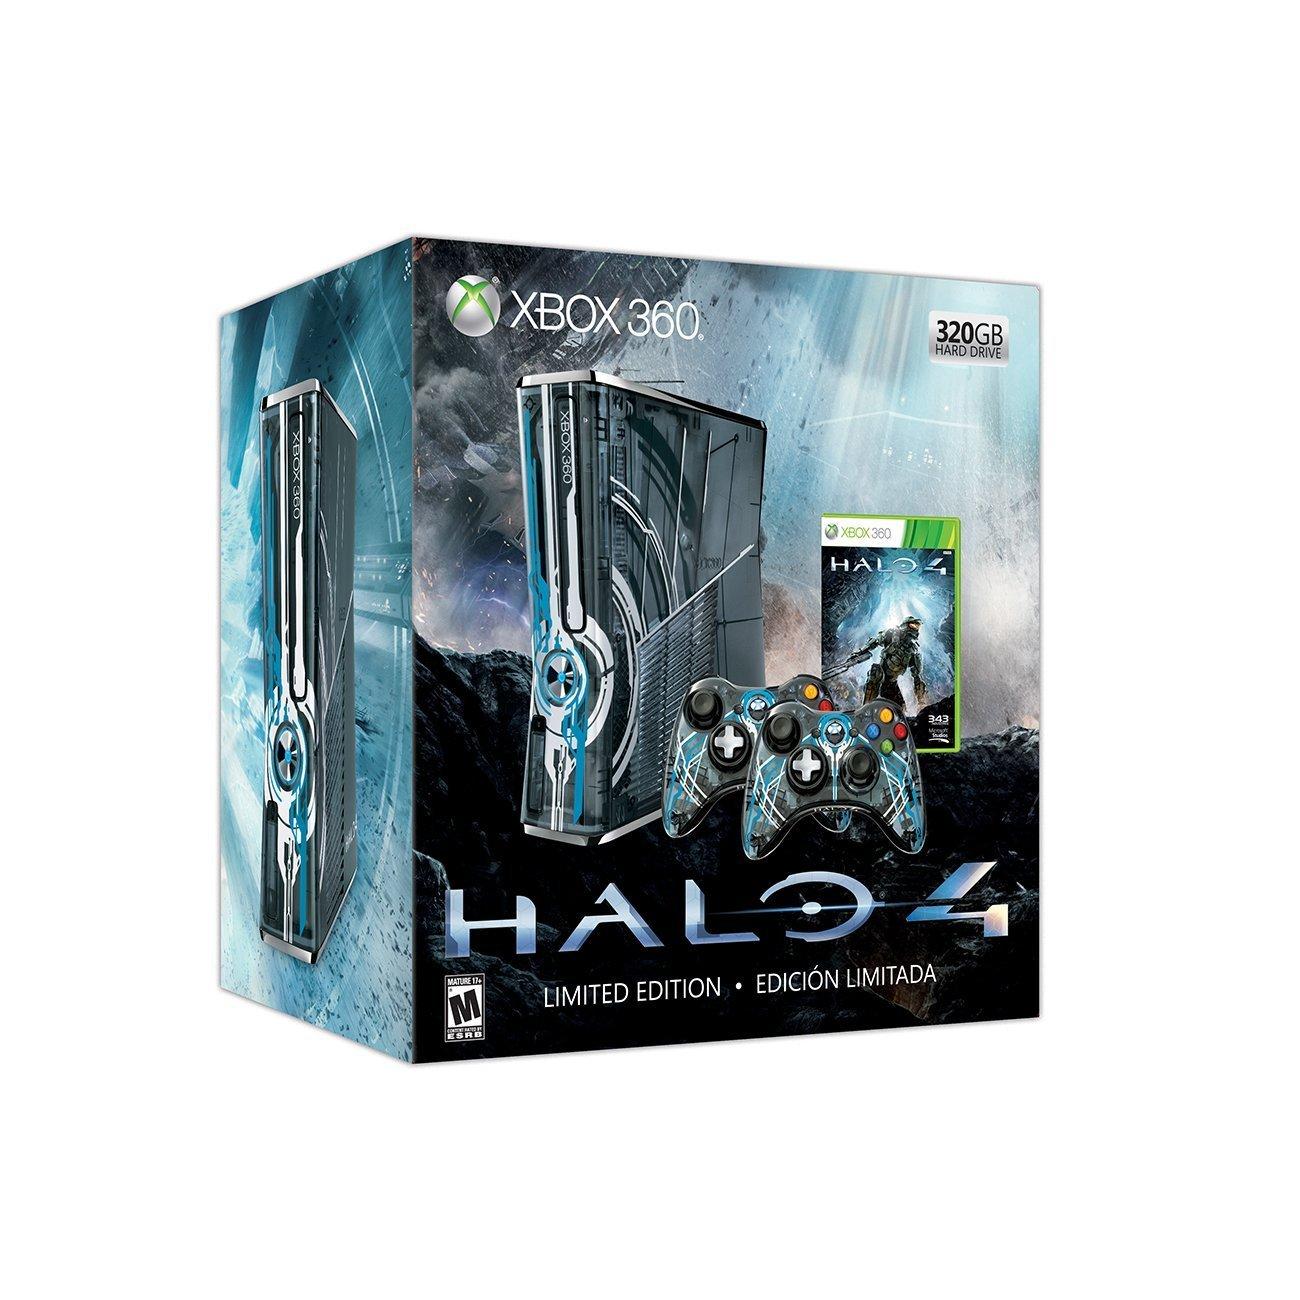 Halo 4 Xbox 360 320GB Console - Limited Edition (Xbox 360): Amazon ...